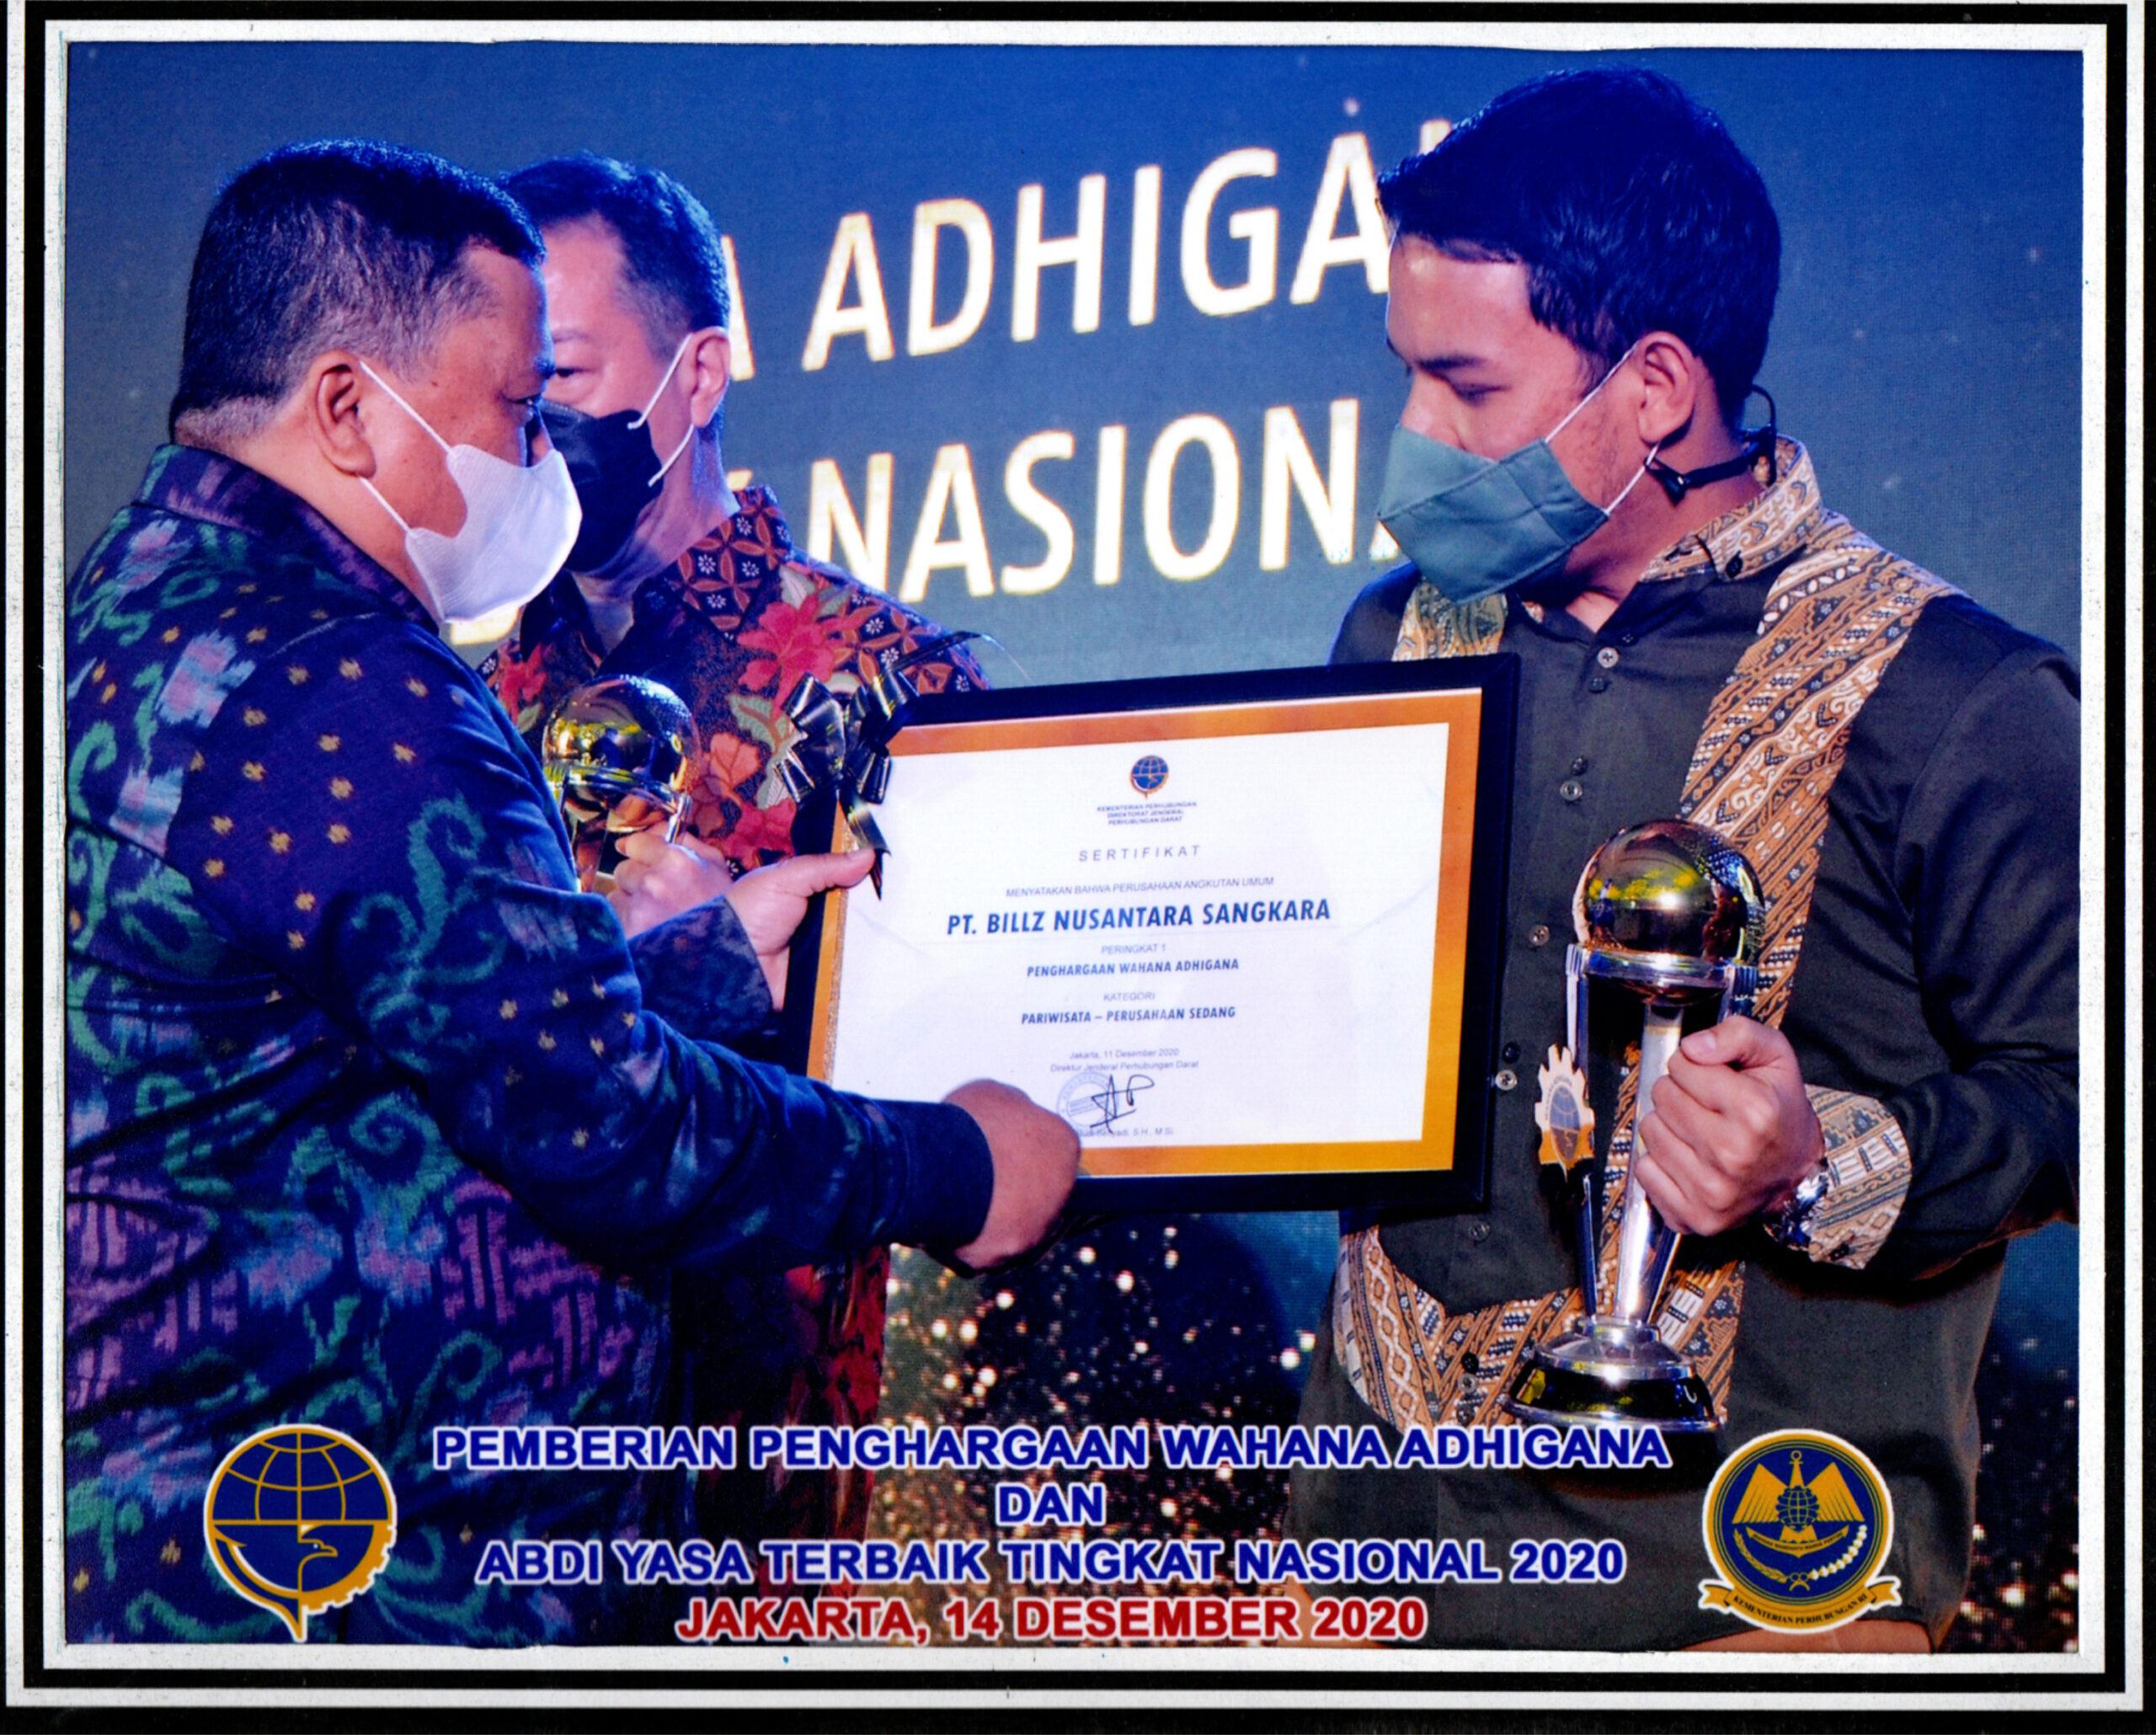 Bns Royale Adhiguna